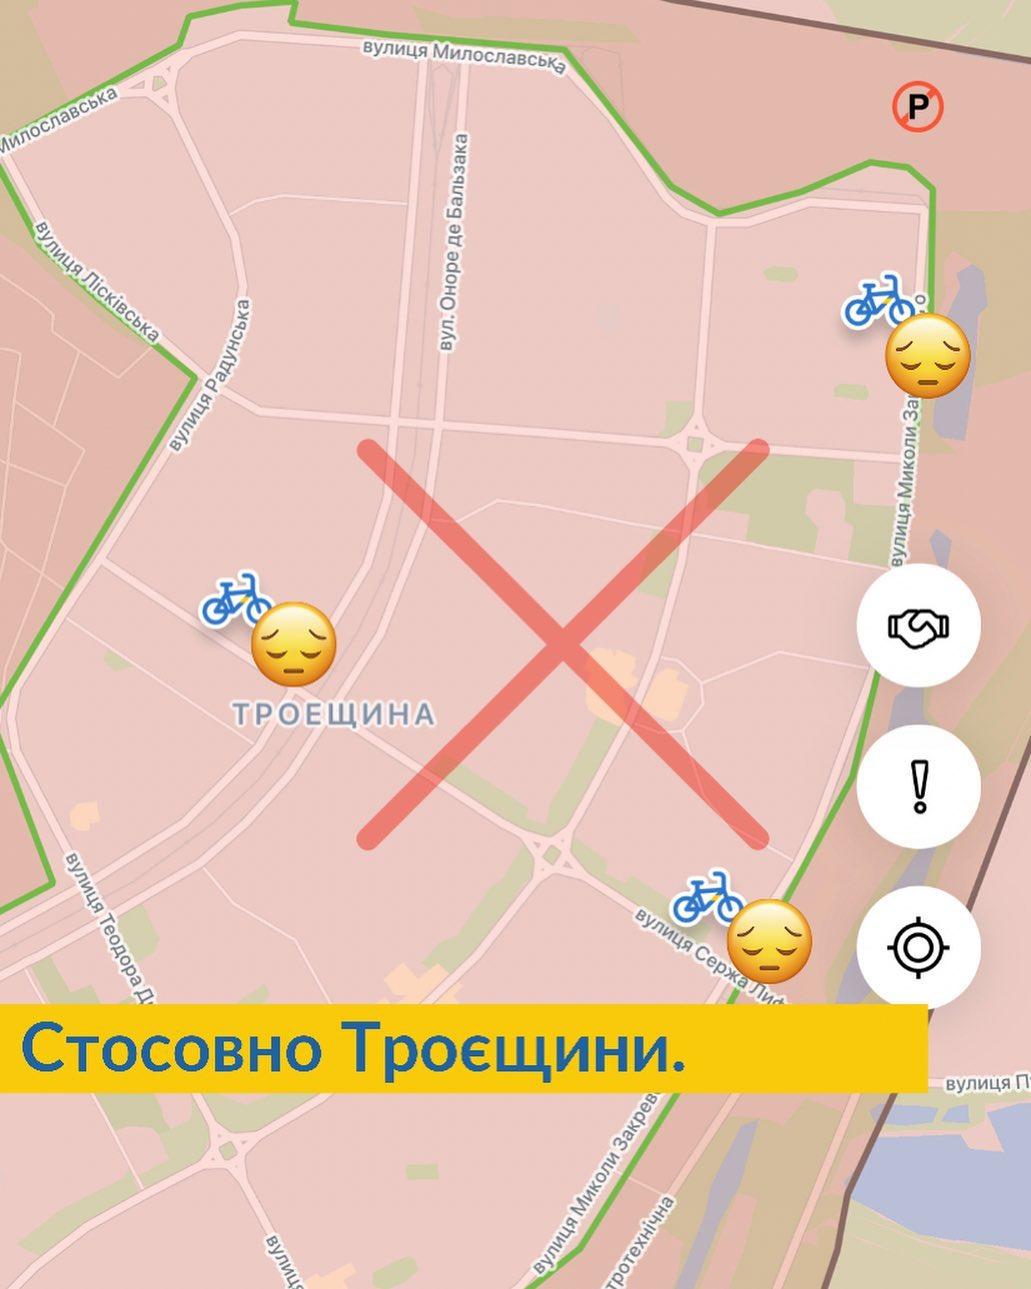 Фото: facebook.com/bikenow.com.ua